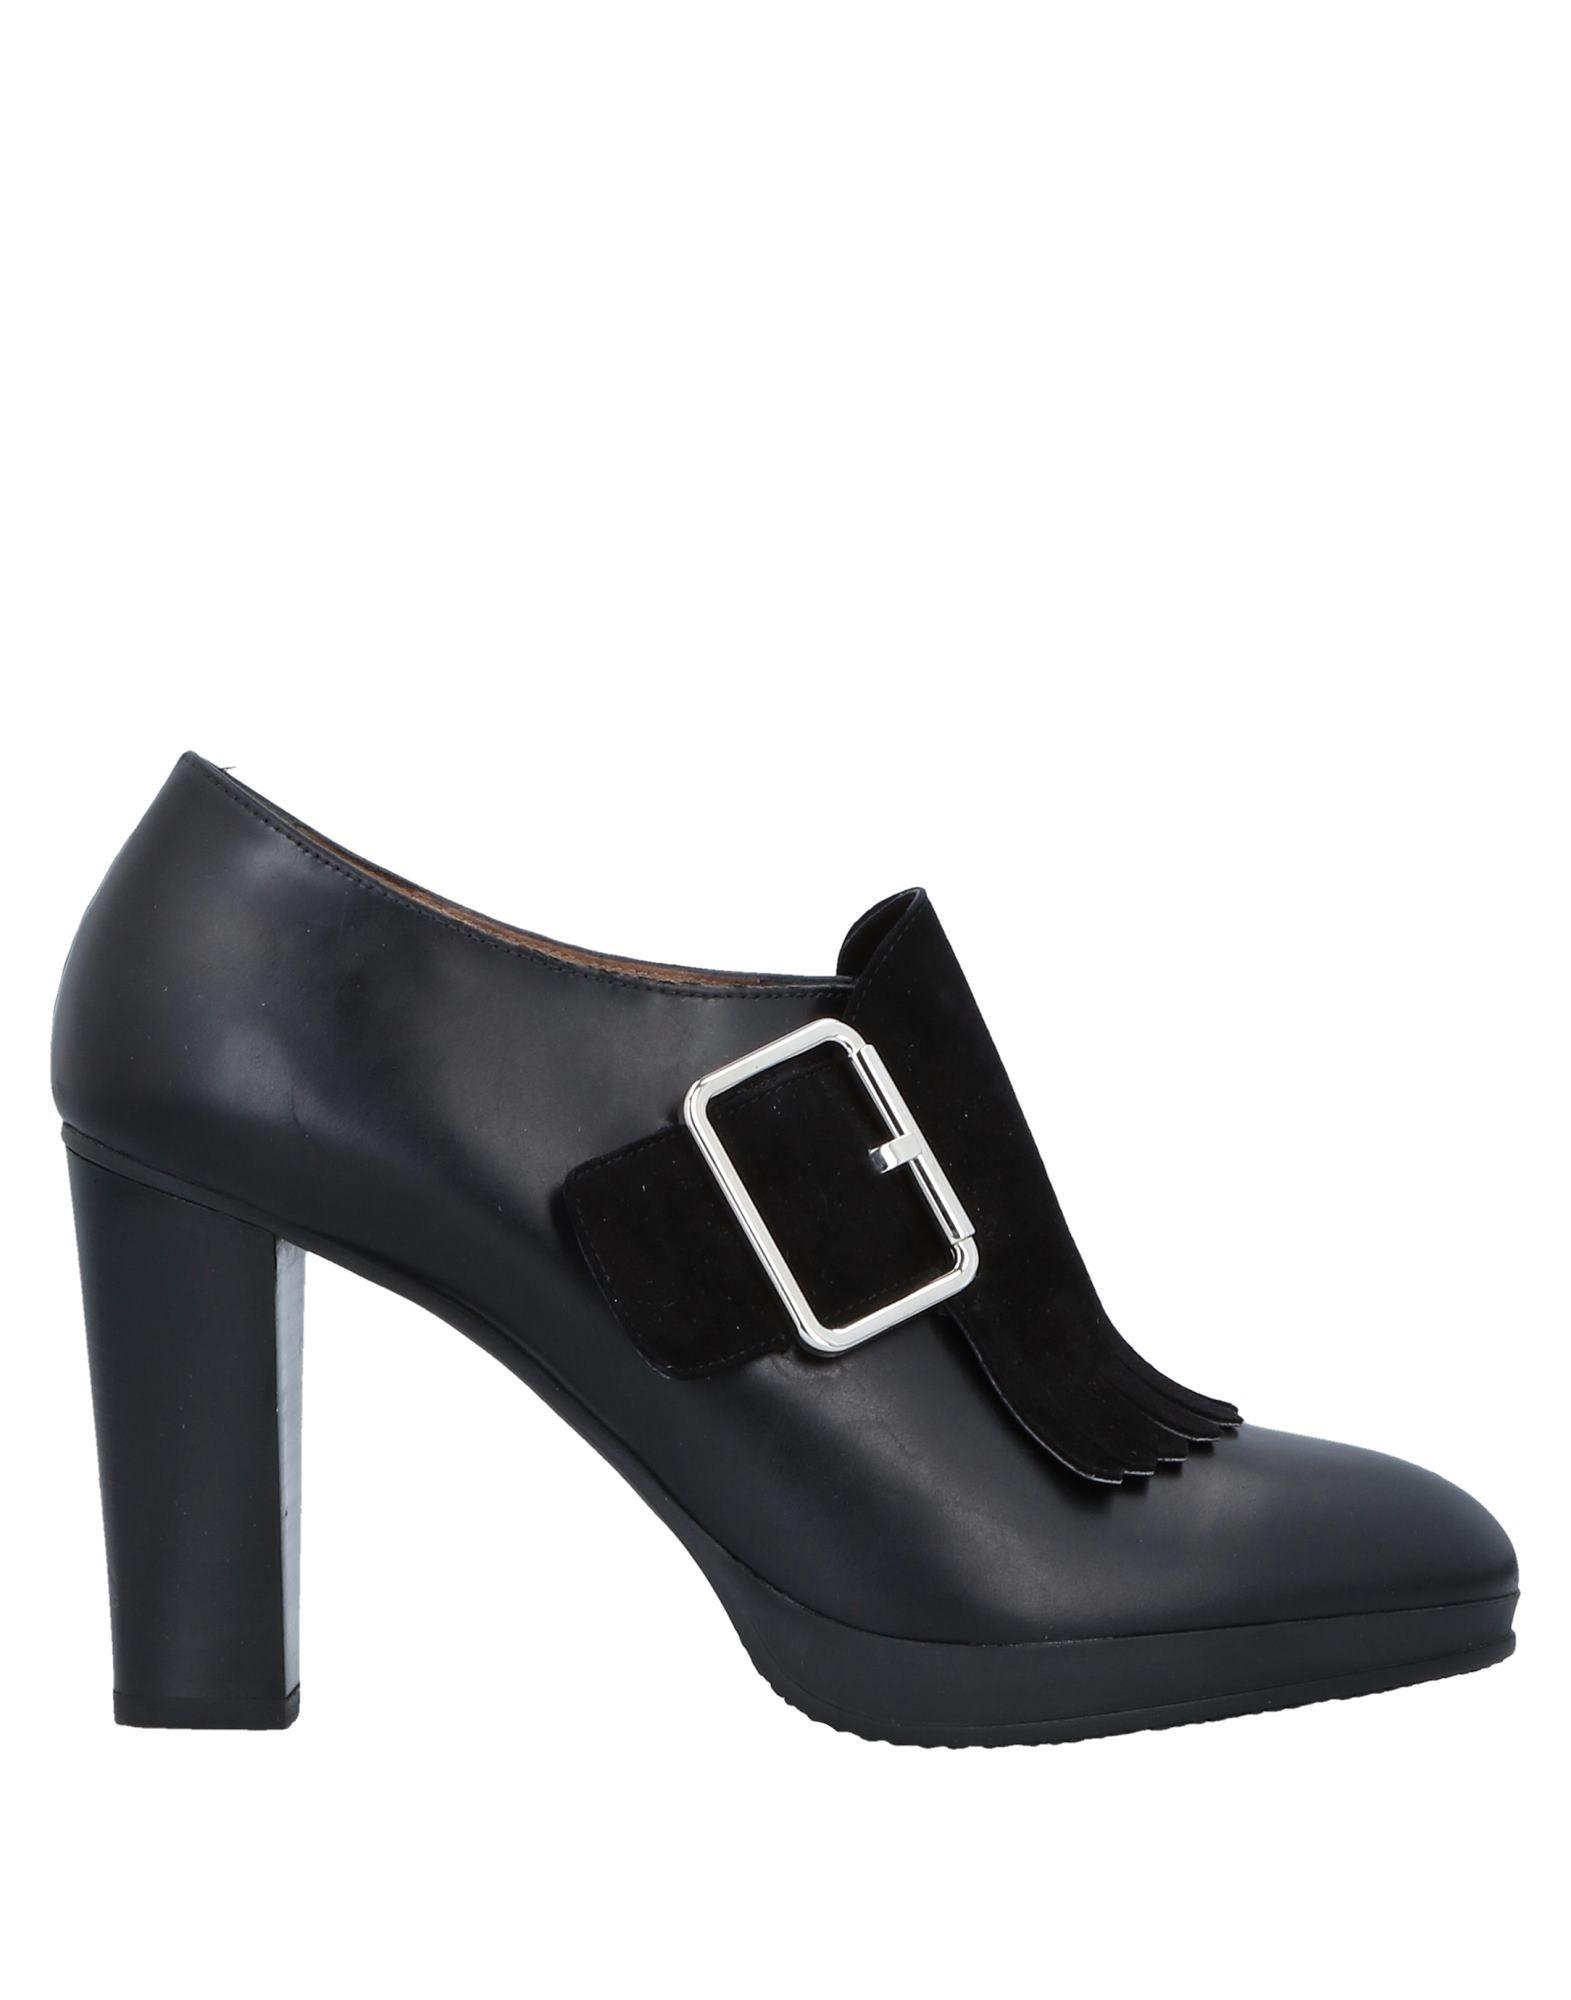 Sandali Khrio' Donna - 11326983MU Scarpe economiche e buone